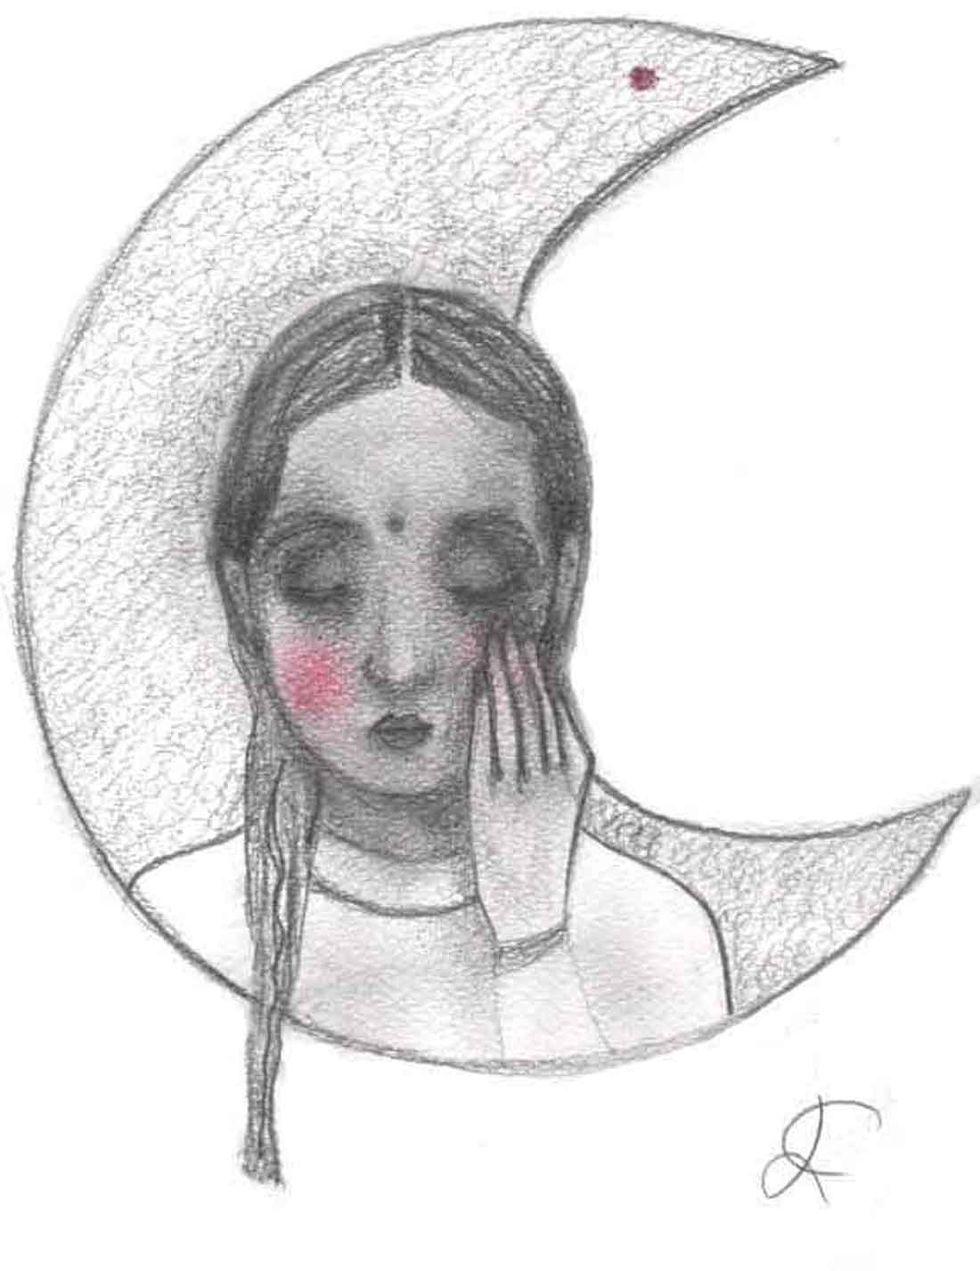 Dondolo: i sogni spezzati dell'India. Amrita protagonista di violenza di genere